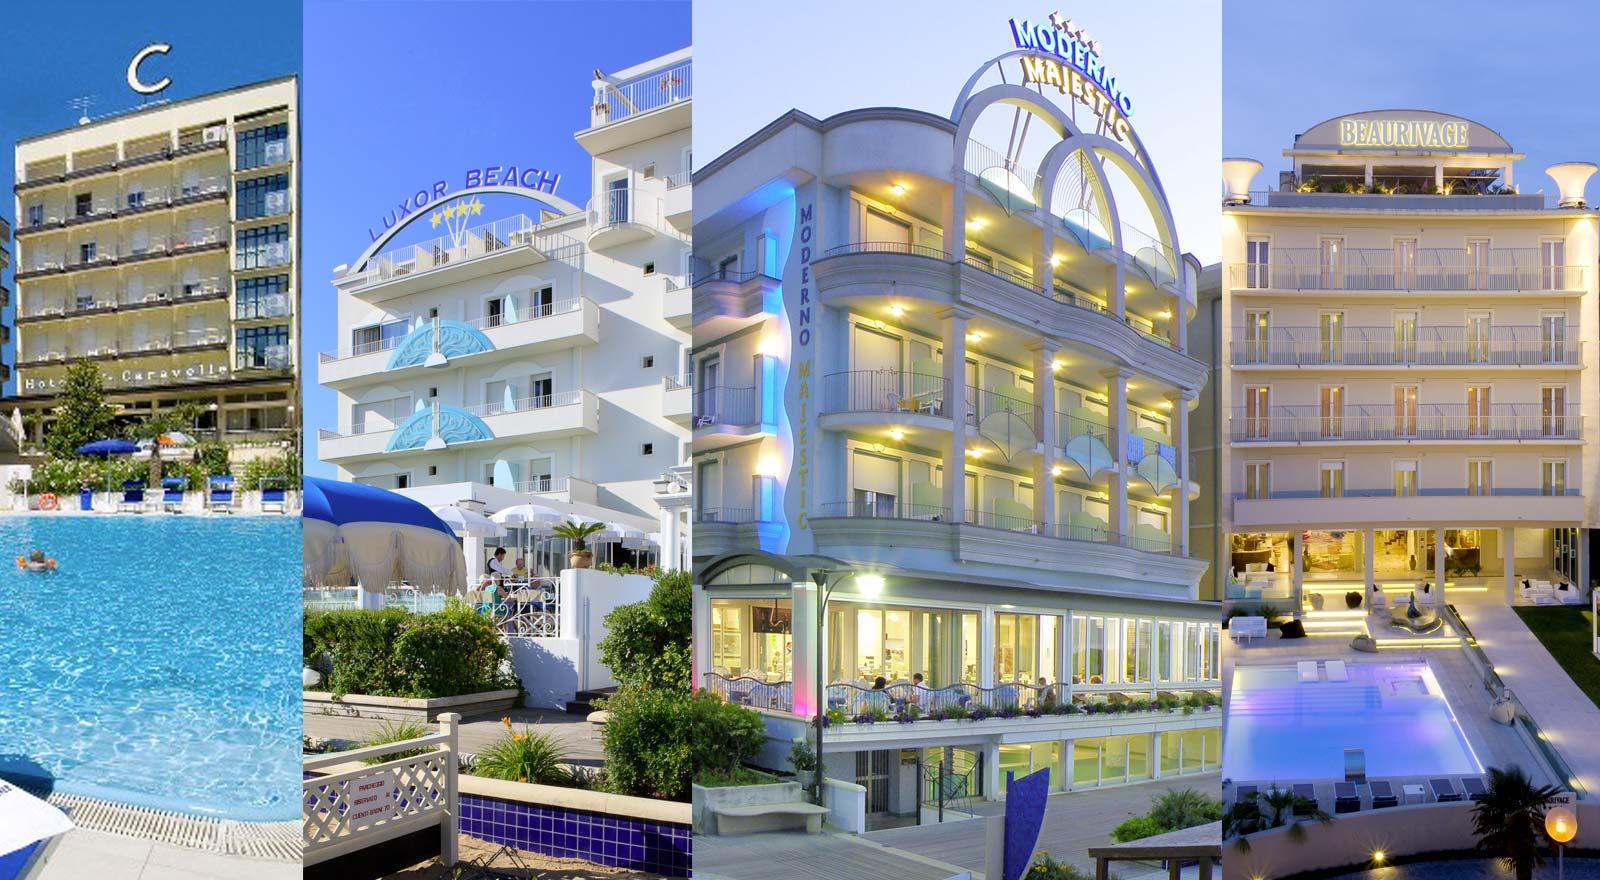 Hotel 4 stelle cattolica con piscina sul mare cattolica - Hotel cervia 4 stelle con piscina ...